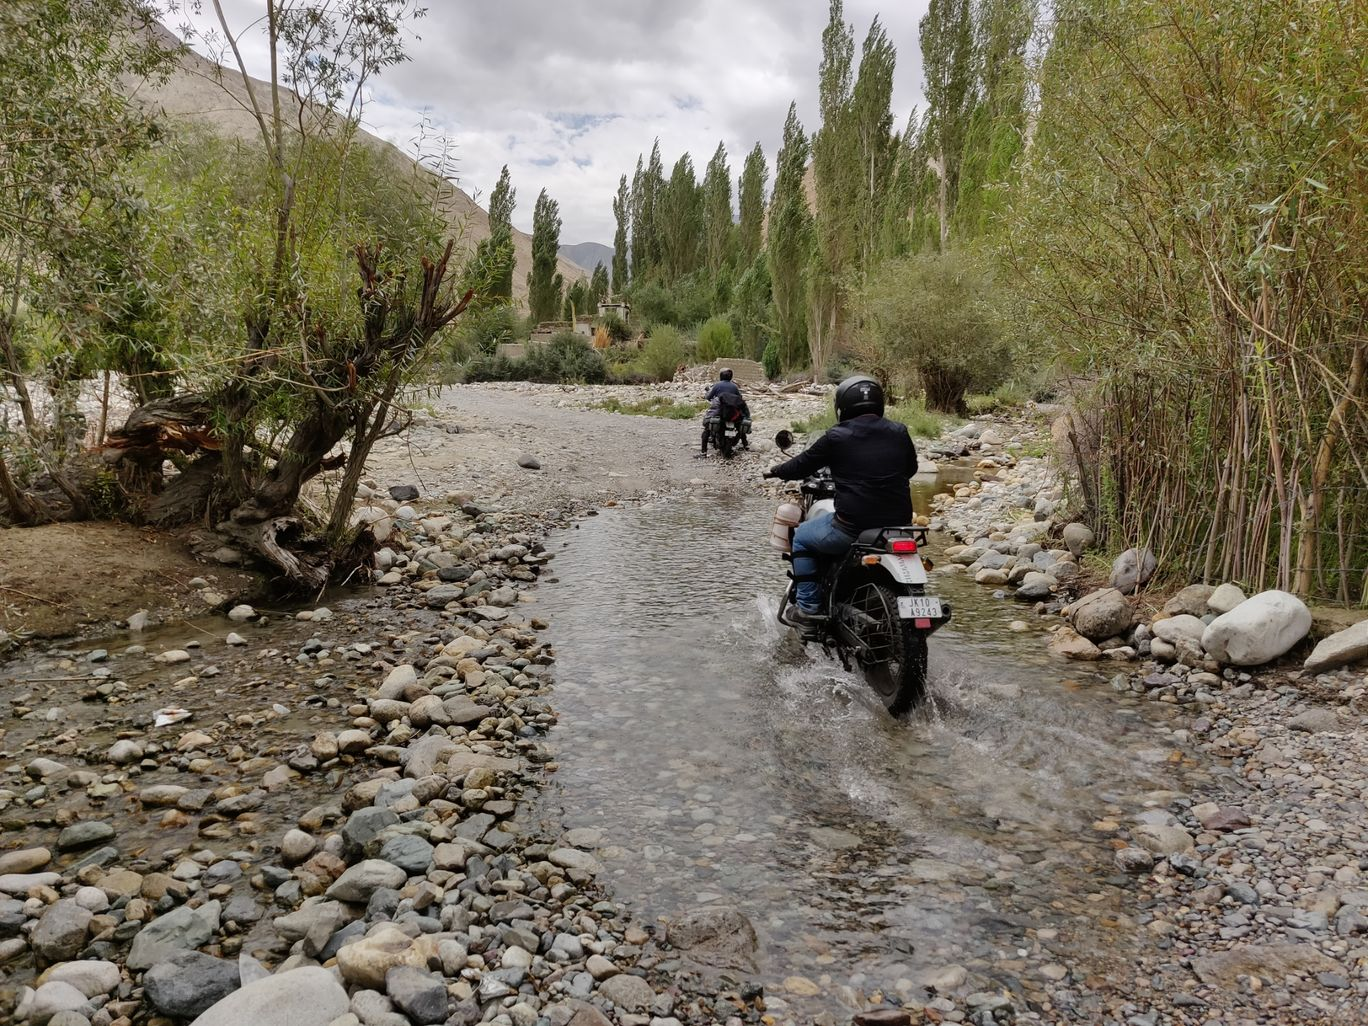 Photo of Ladakh Vacation By Sourav Poddar